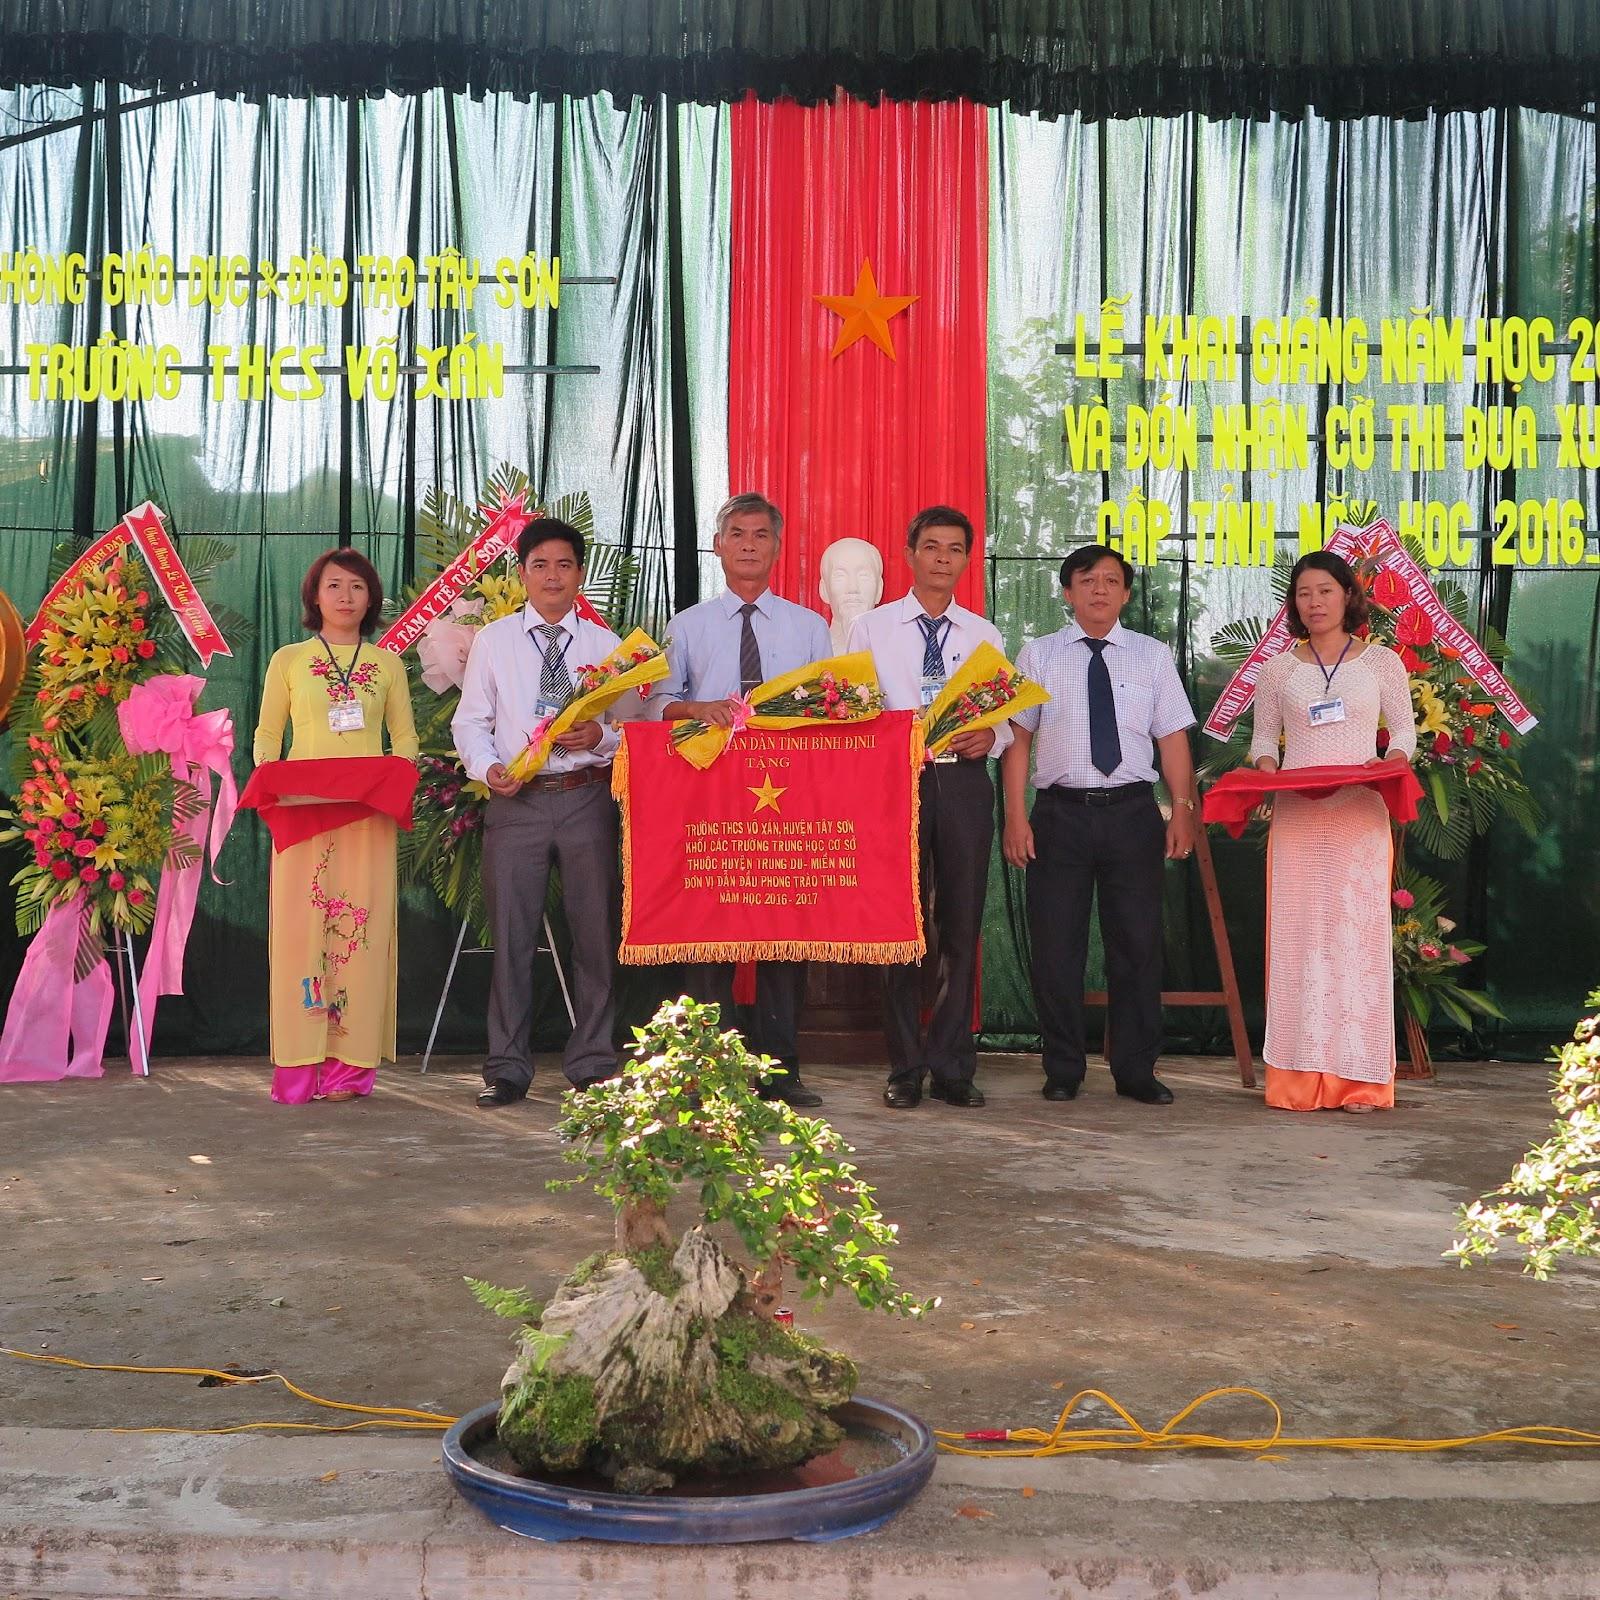 Ông Bùi Văn Mỹ - UVBTV Huyện ủy, Phó Chủ tịch thường trực UBND huyện trao cờ và hoa cho BGH.